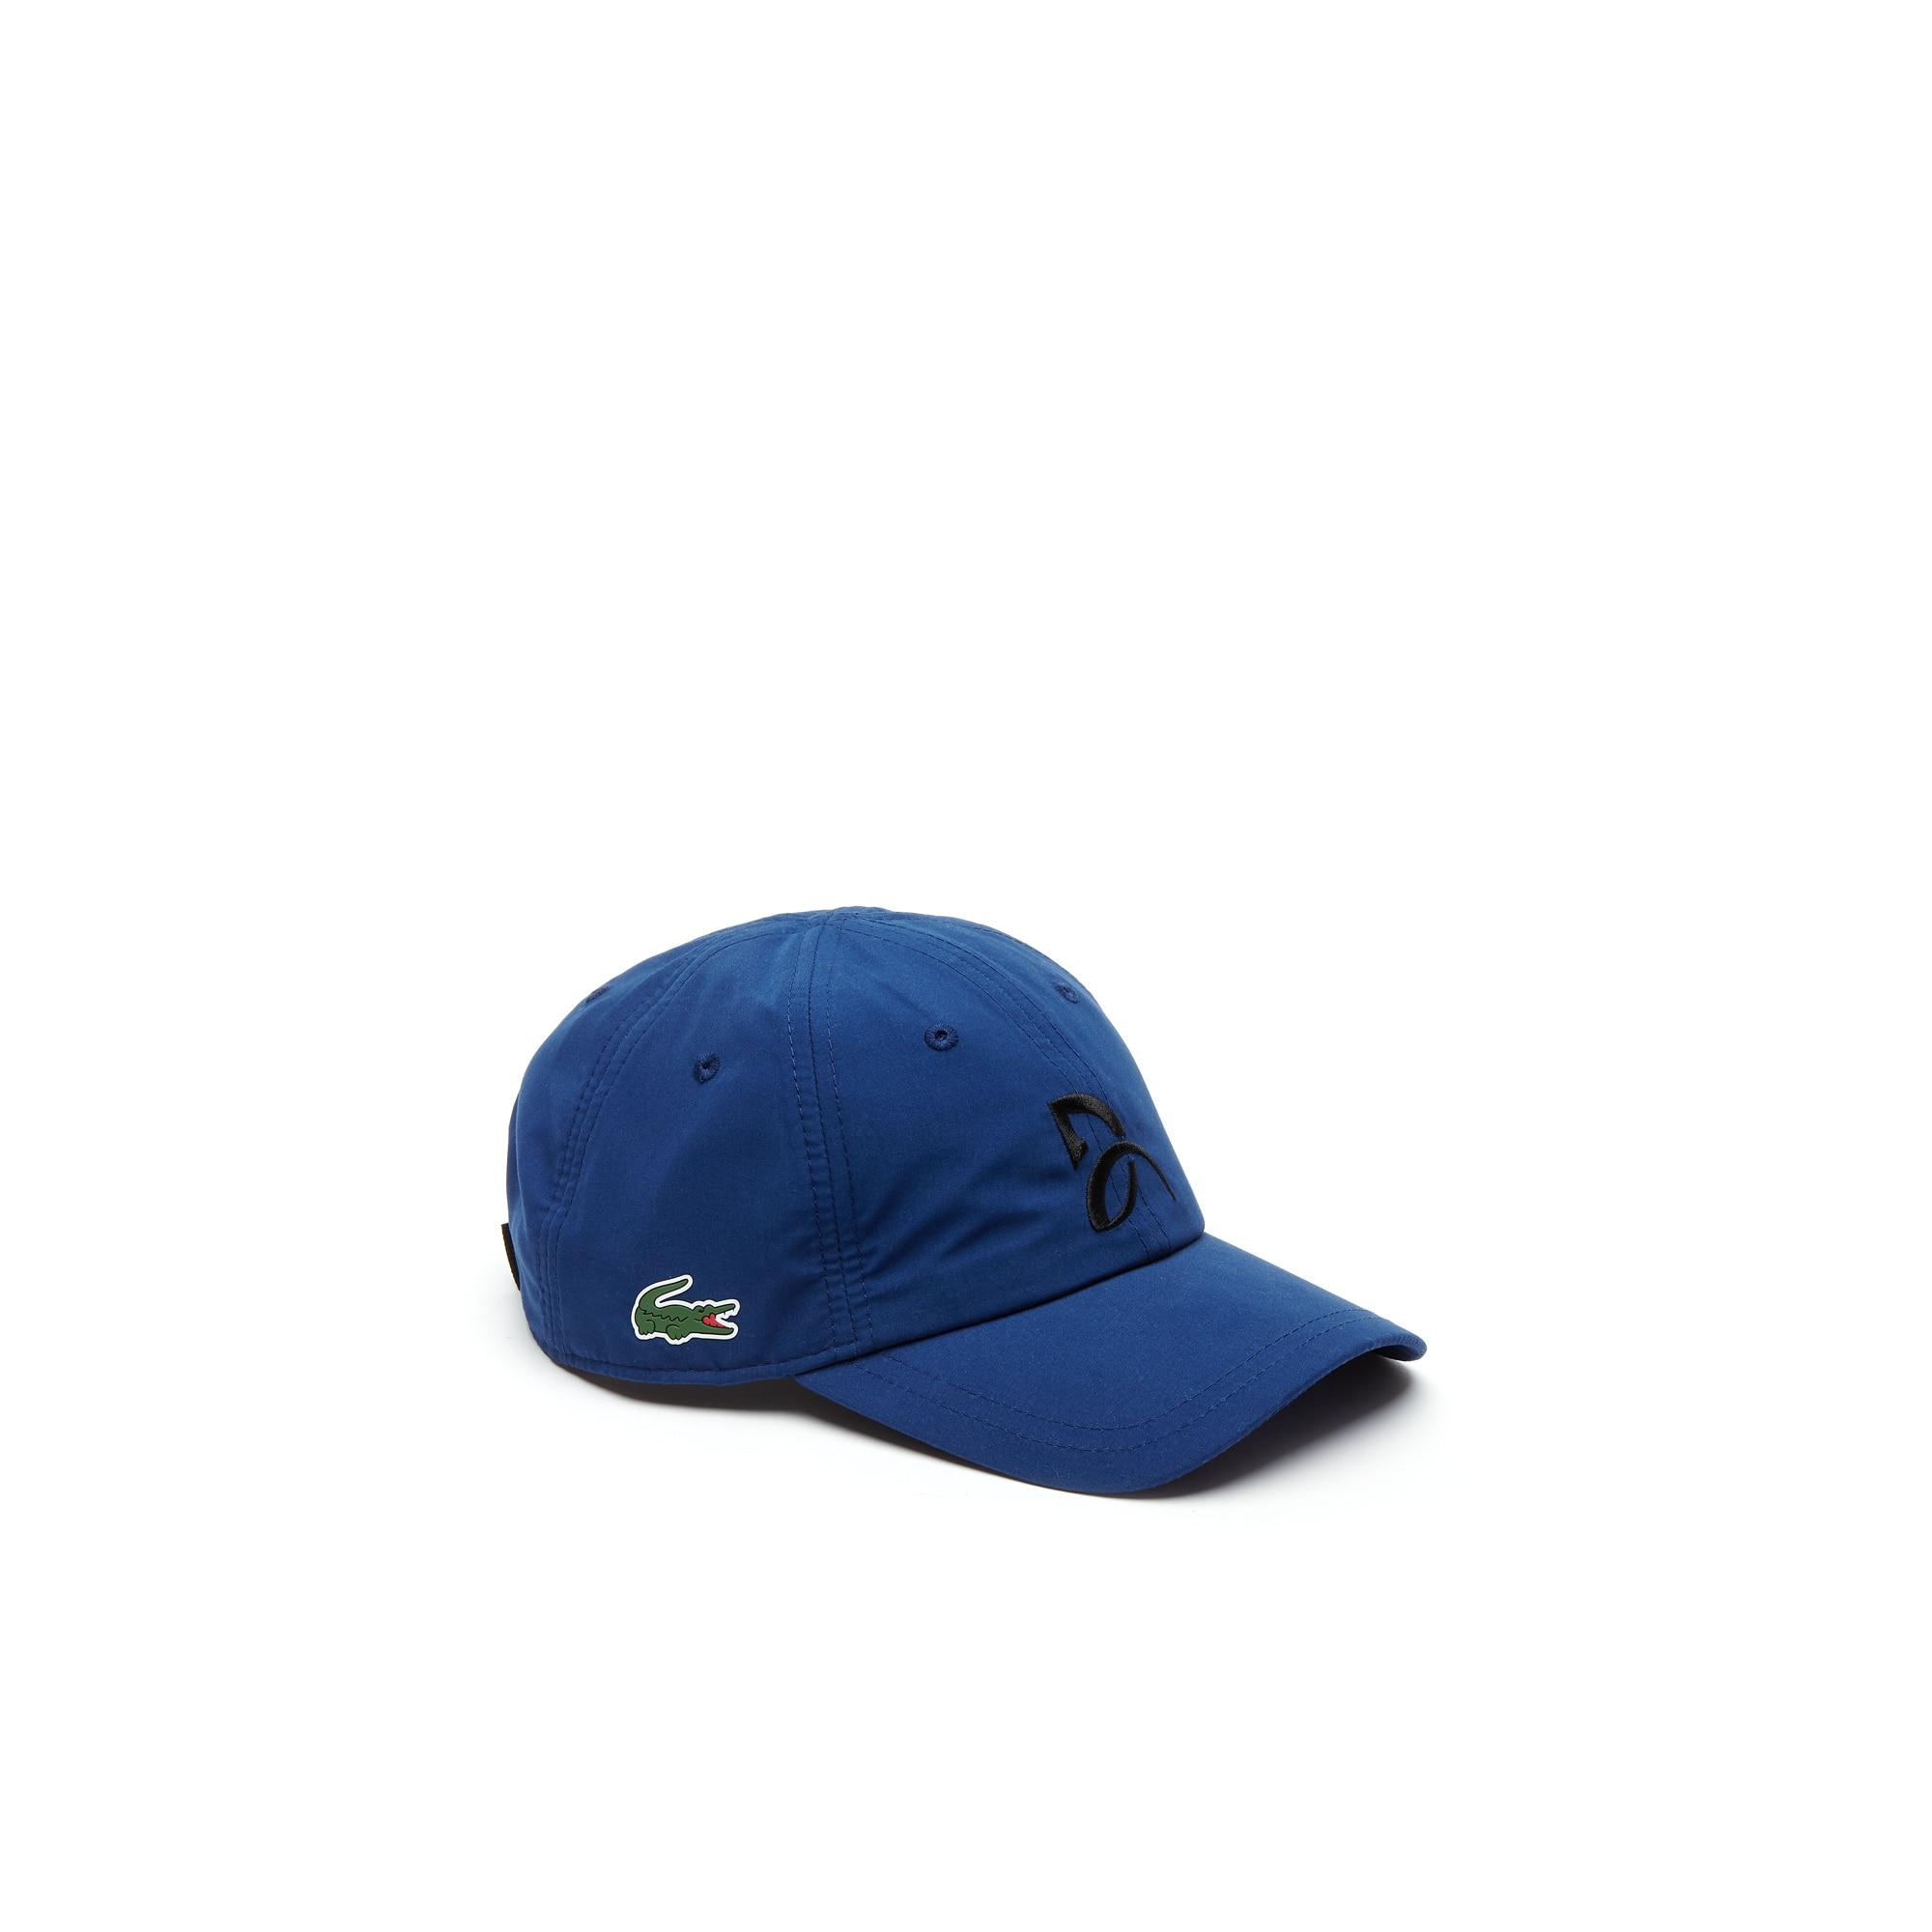 Beretto Con Visiera Tennis Lacoste Sport in Microfribra - Collezione Support With Style